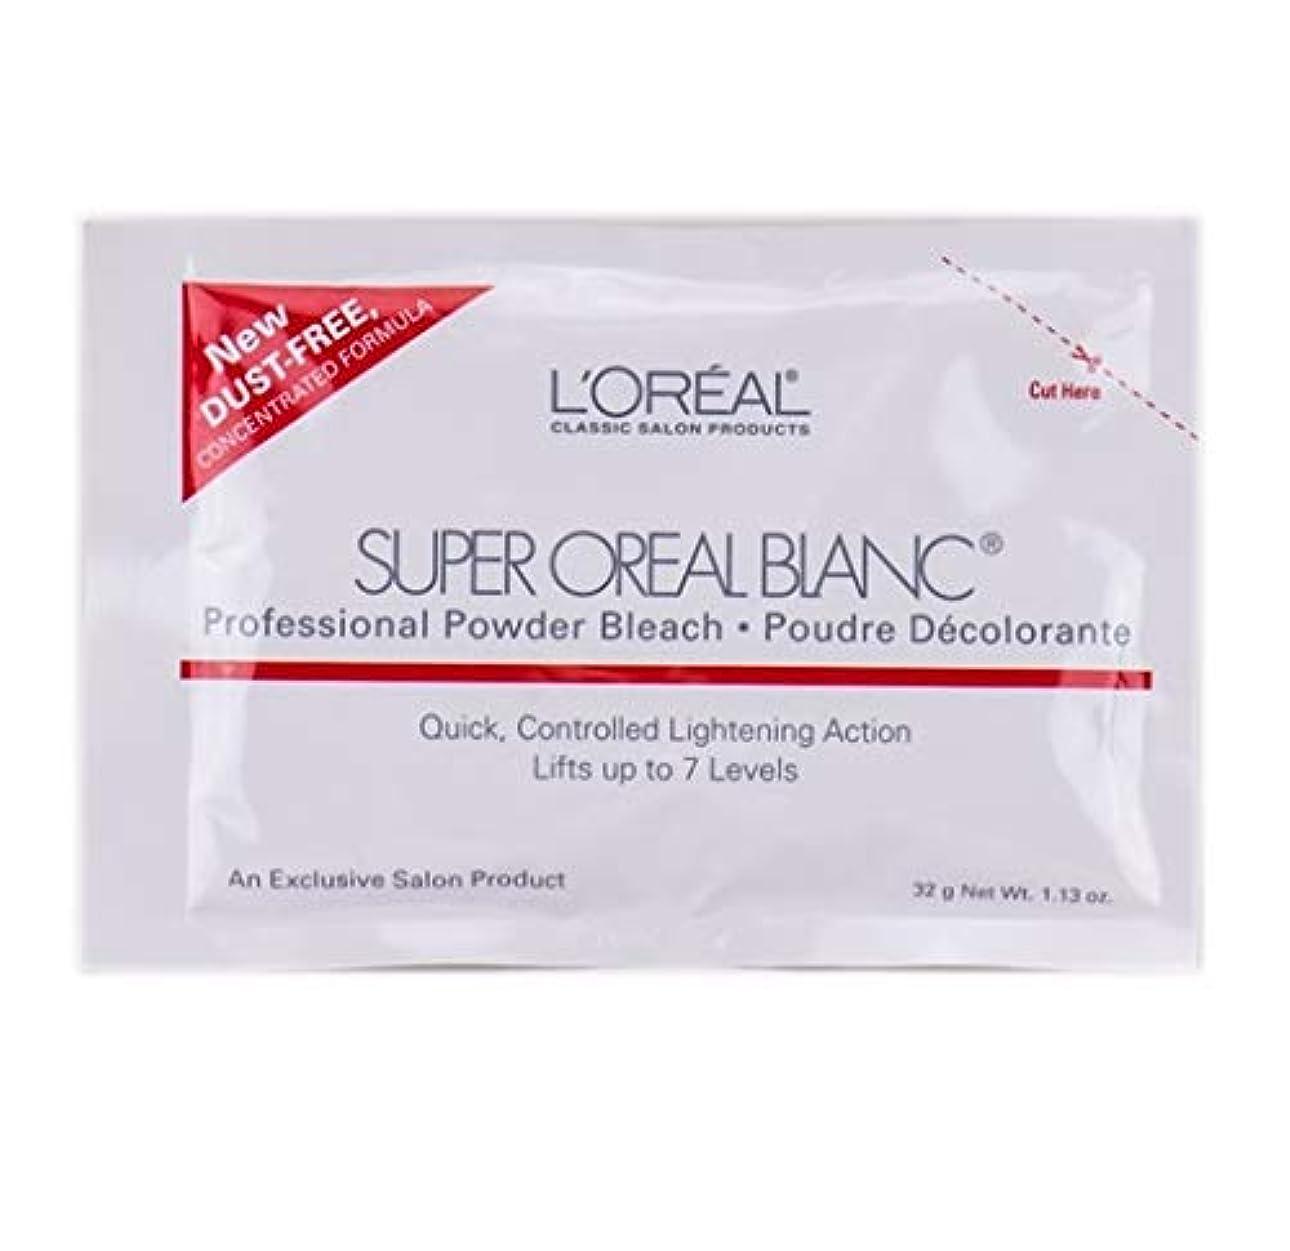 声を出して提唱する柔和L'Oreal Super Oreal Blanc - Powder Bleach Packette - 1.13oz / 32g